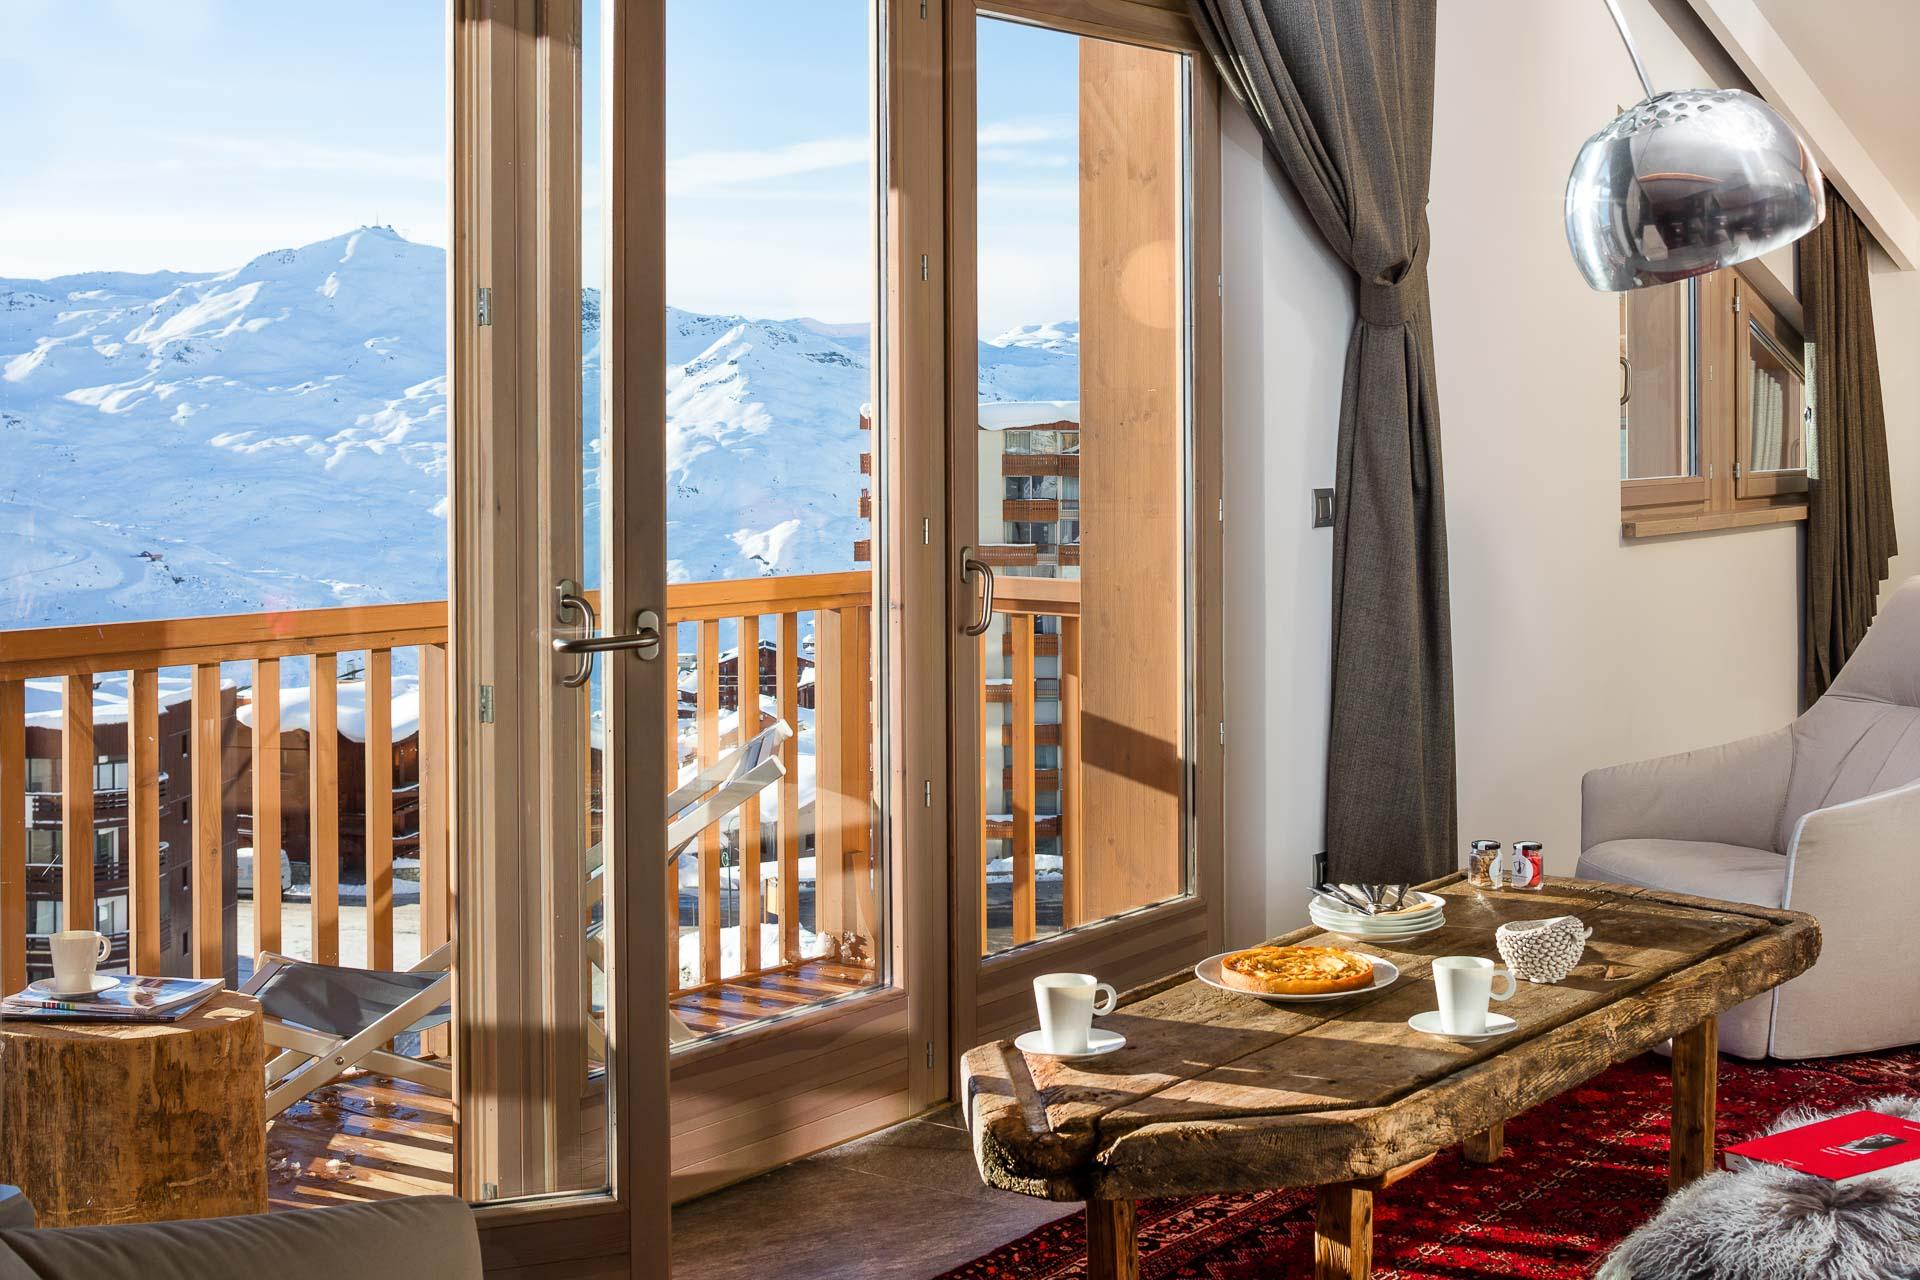 Dominant Val Thorens, ouvert sur le stade de slalom, le Pashmina a été conçu comme une ode à l'aventure et à l'expédition de montagne. Mais ce 5-étoiles récent est aussi l'hôtel de luxe idéal pour les sportifs épicuriens, car il abrite un spa et le seul restaurant étoilé de la station.